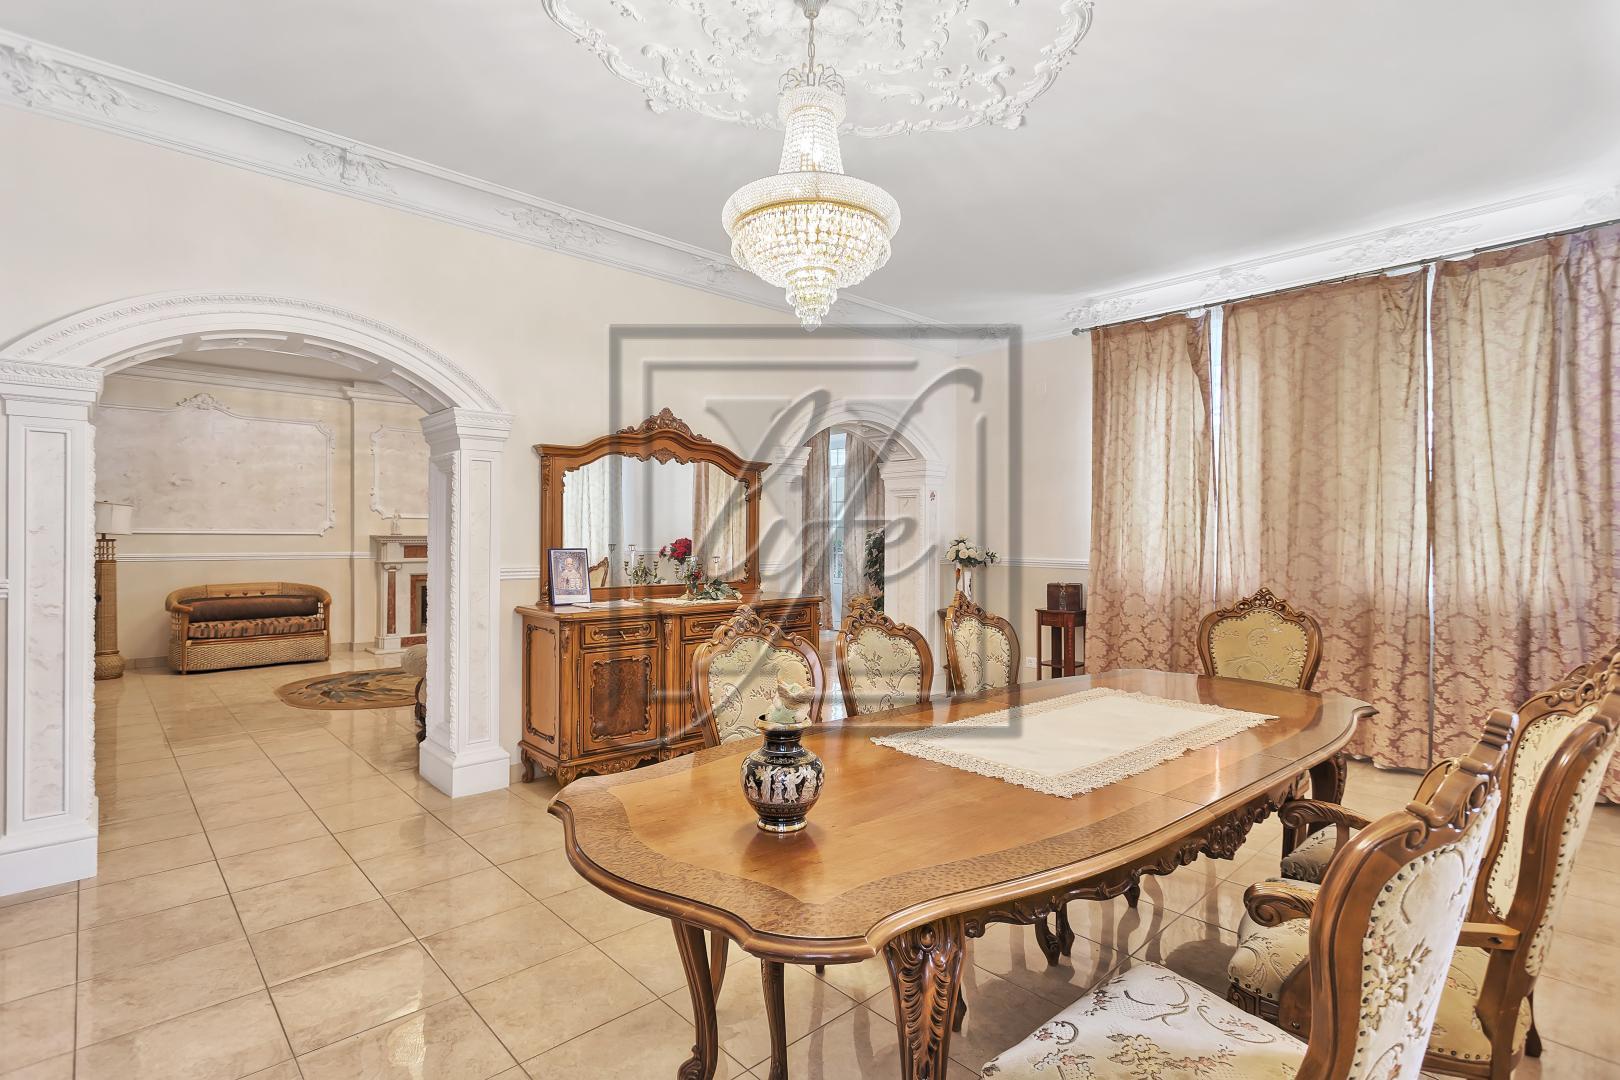 Продам дом по адресу Россия, Новомосковский административный округ, Лаптево, Береговая улица фото 20 по выгодной цене